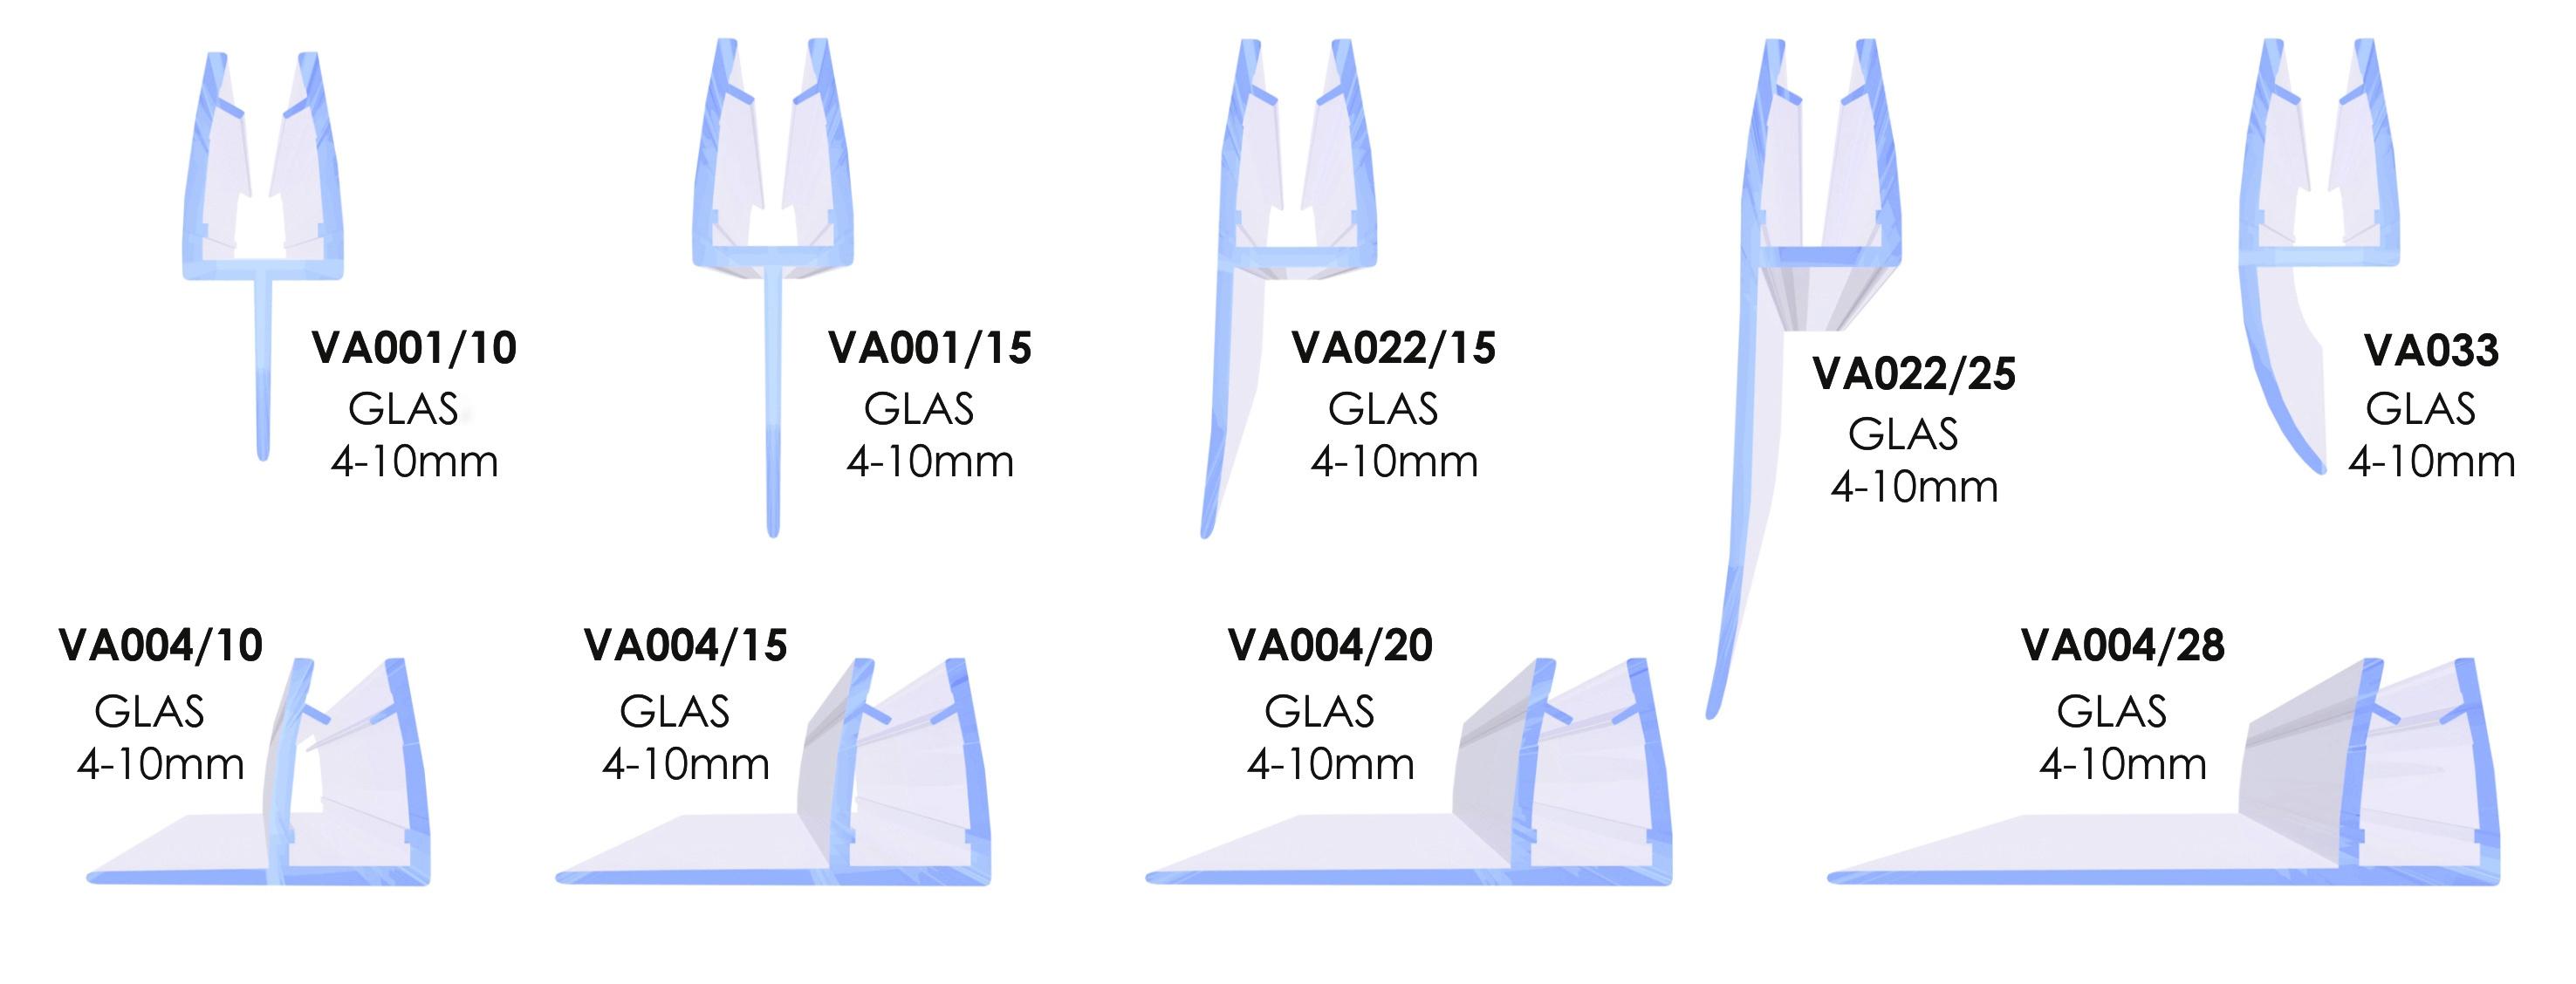 10 mm 8 6 Glasst/ärke: 4 Glasst/ärke:4 mm VON ADELBERG Duschdichtung Wasserabweiser Gerade PVC Ersatzdichtung f/ür Dusche Typ: VA001-10 L/änge: 40 bis 200 cm Dichtung L/änge:40 cm